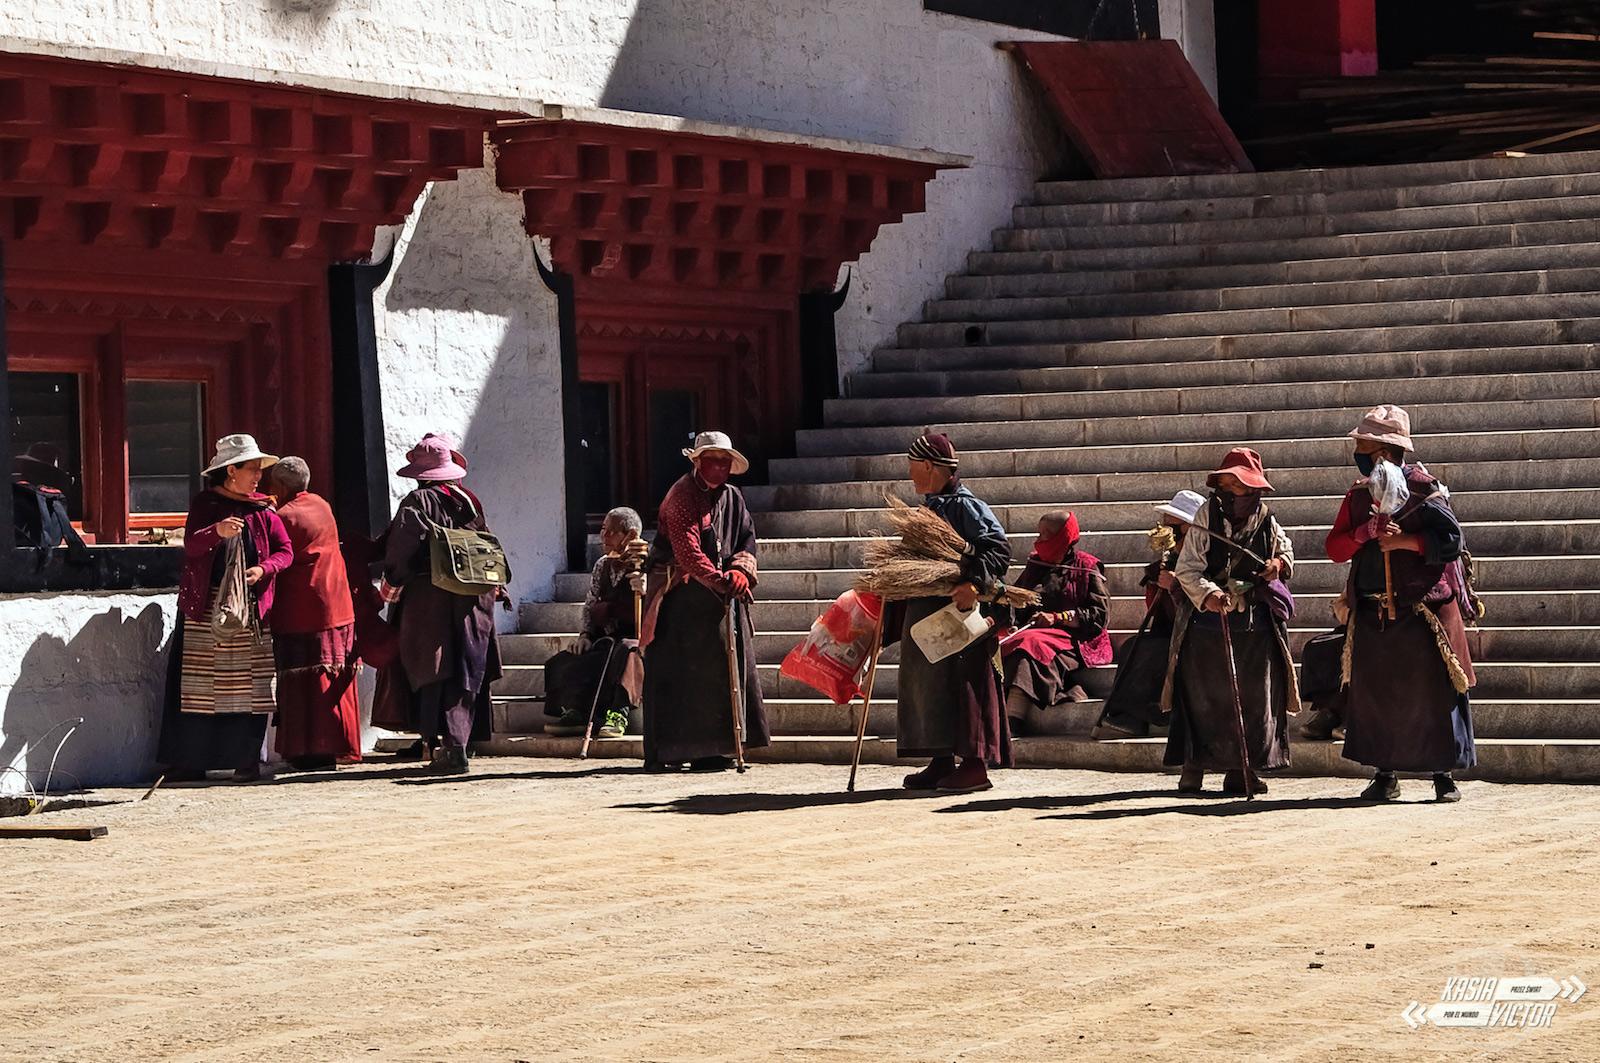 Podróz przez tybetańskie Chiny - buddyjski klasztor w Litang